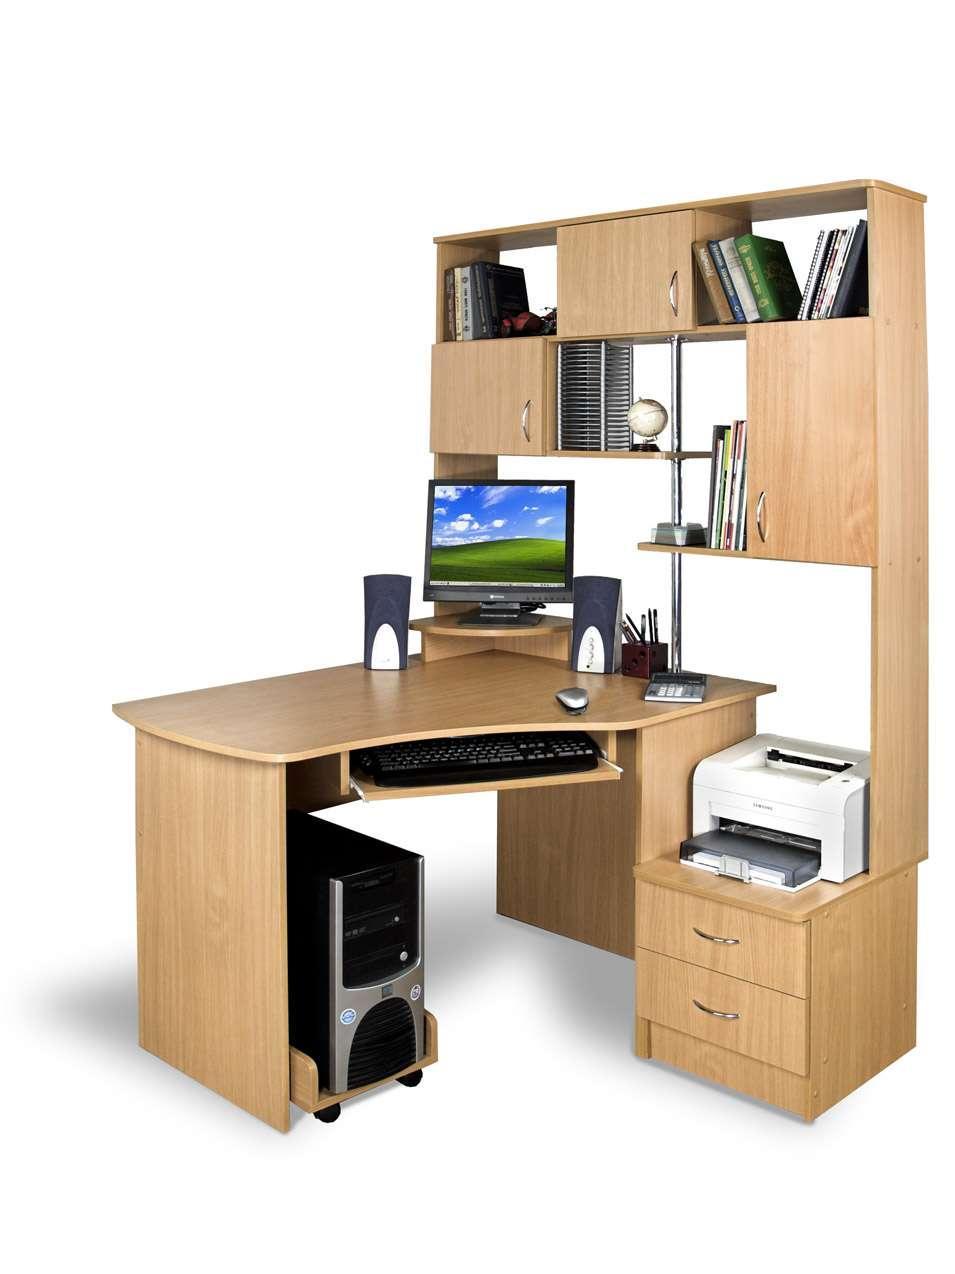 Комп'ютерний стіл Ексклюзив-5 Тіса меблі